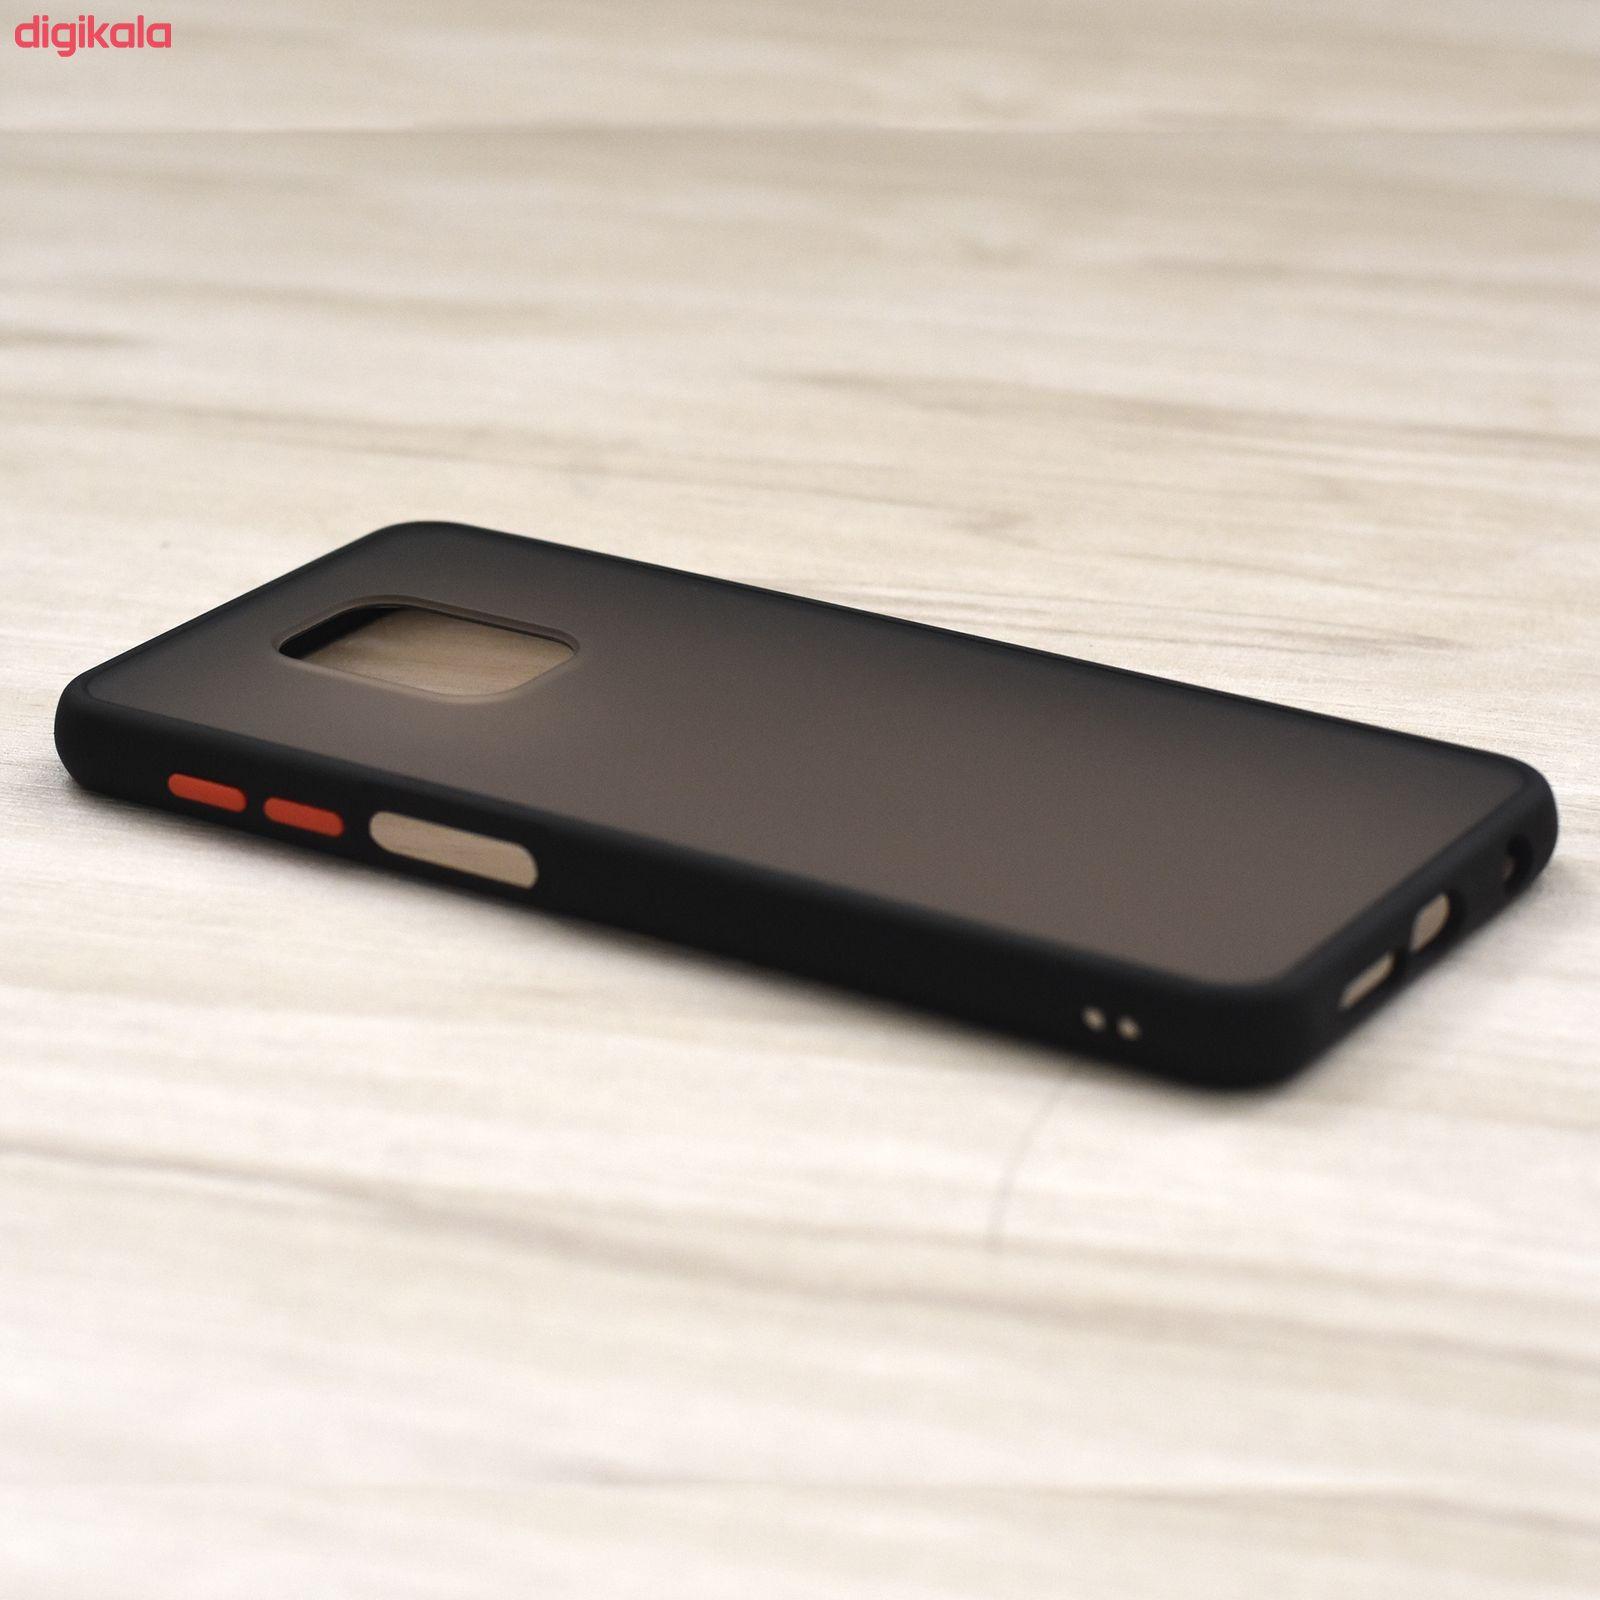 کاور مدل Slico01 مناسب برای گوشی موبایل شیائومی Redmi Note 9S / 9 Pro main 1 13